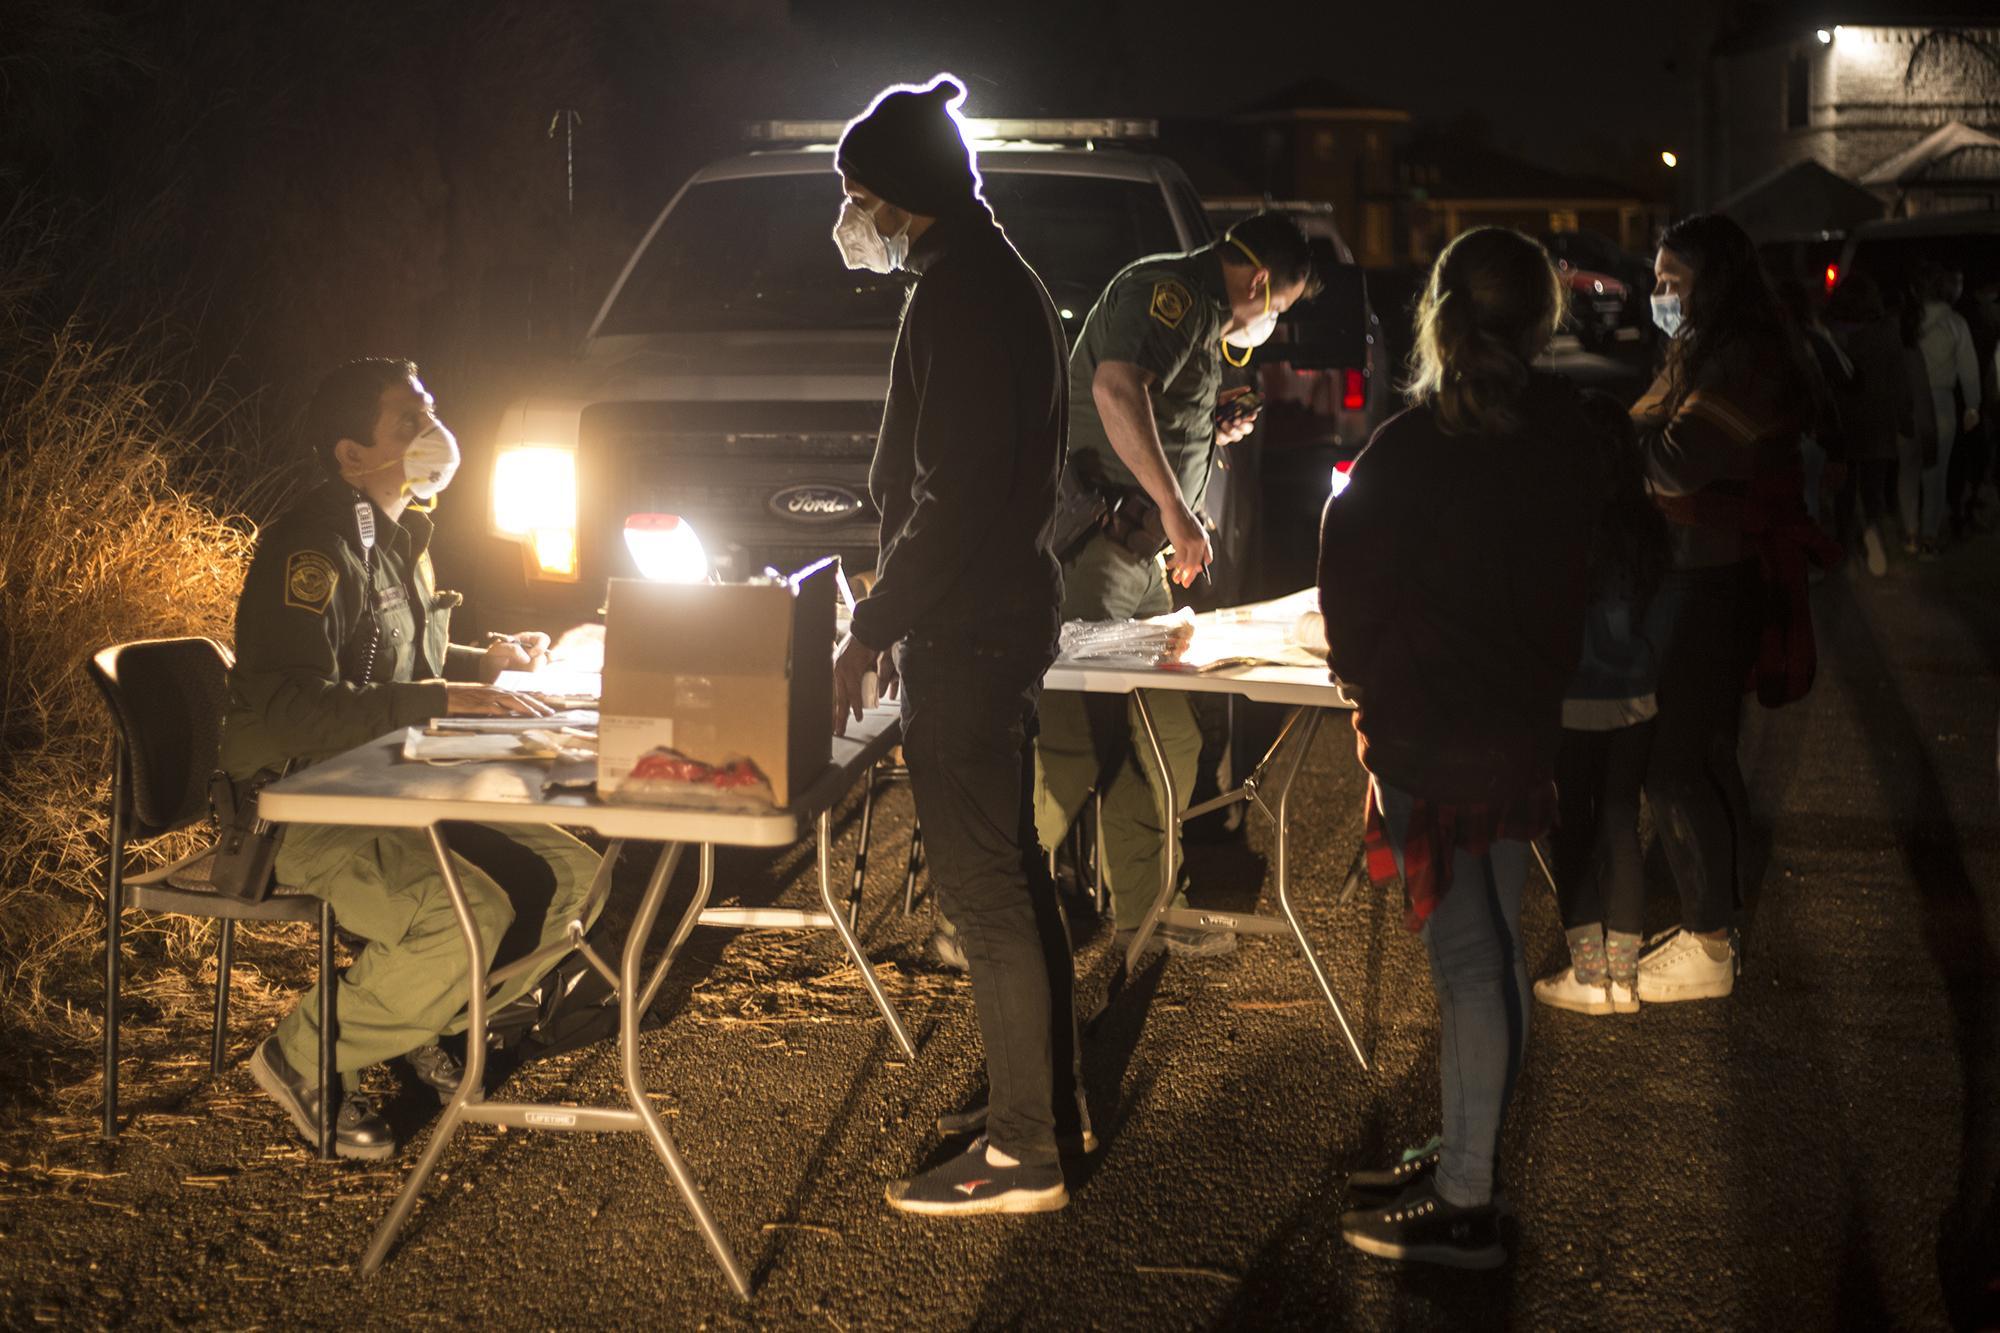 La Patrulla Fronteriza ha improvisado su oficina sobre una calle polvosa, paralela a la carretera principal de la ciudad de Roma. En los últimos 15 días, todas las noches reciben a decenas de migrantes hondureños, guatemaltecos y salvadoreños en busca de asilo.